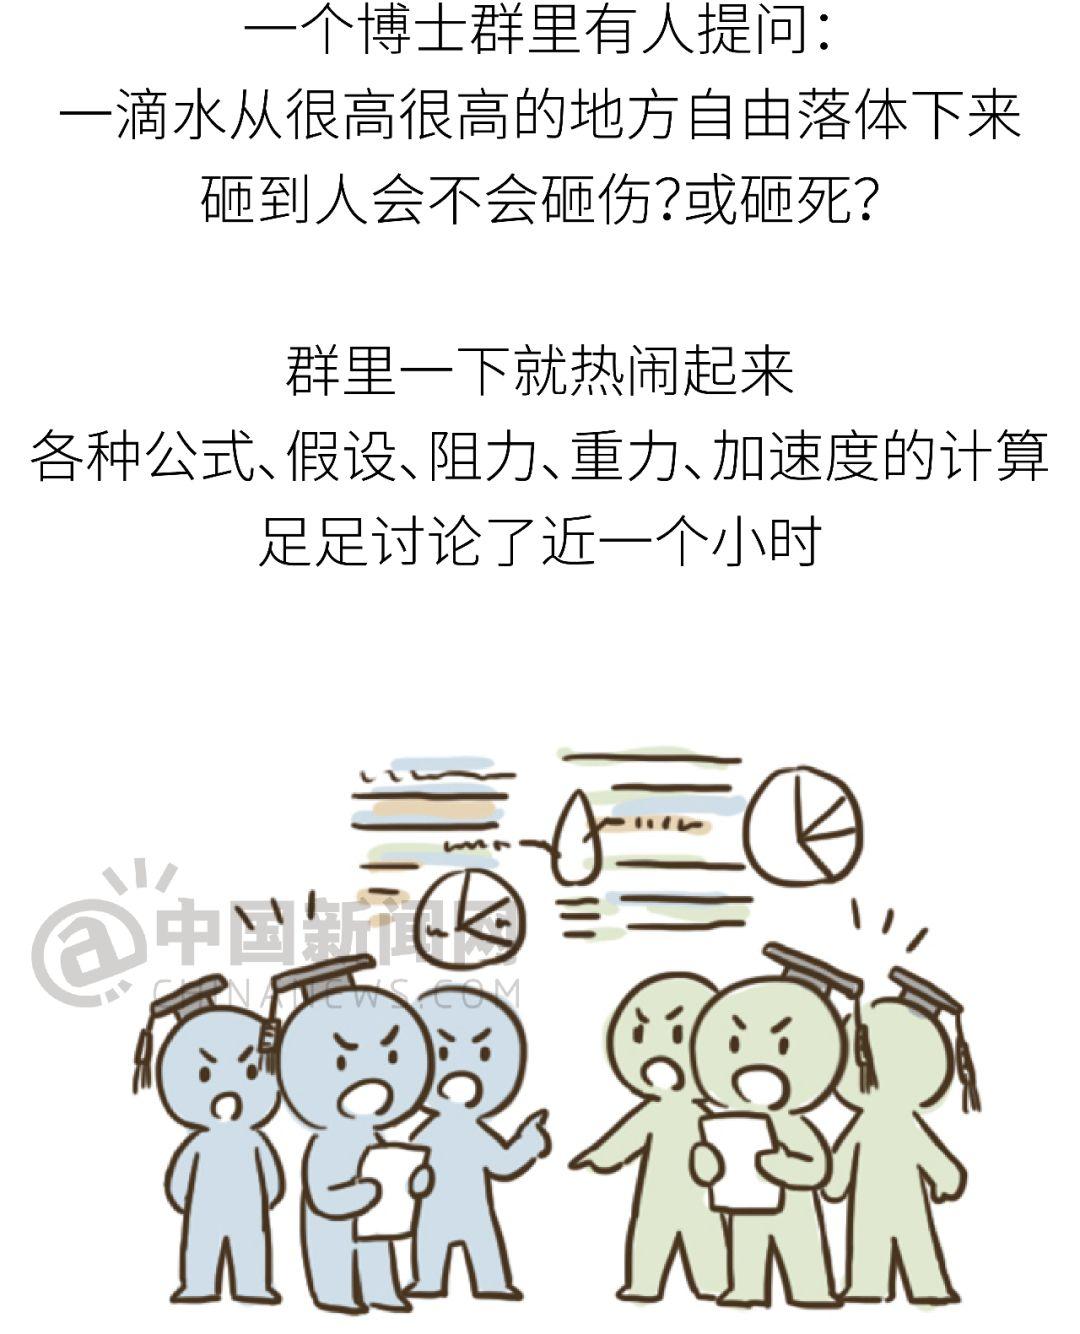 今年5个a故事小故事!(火了)上卖QQ视频在